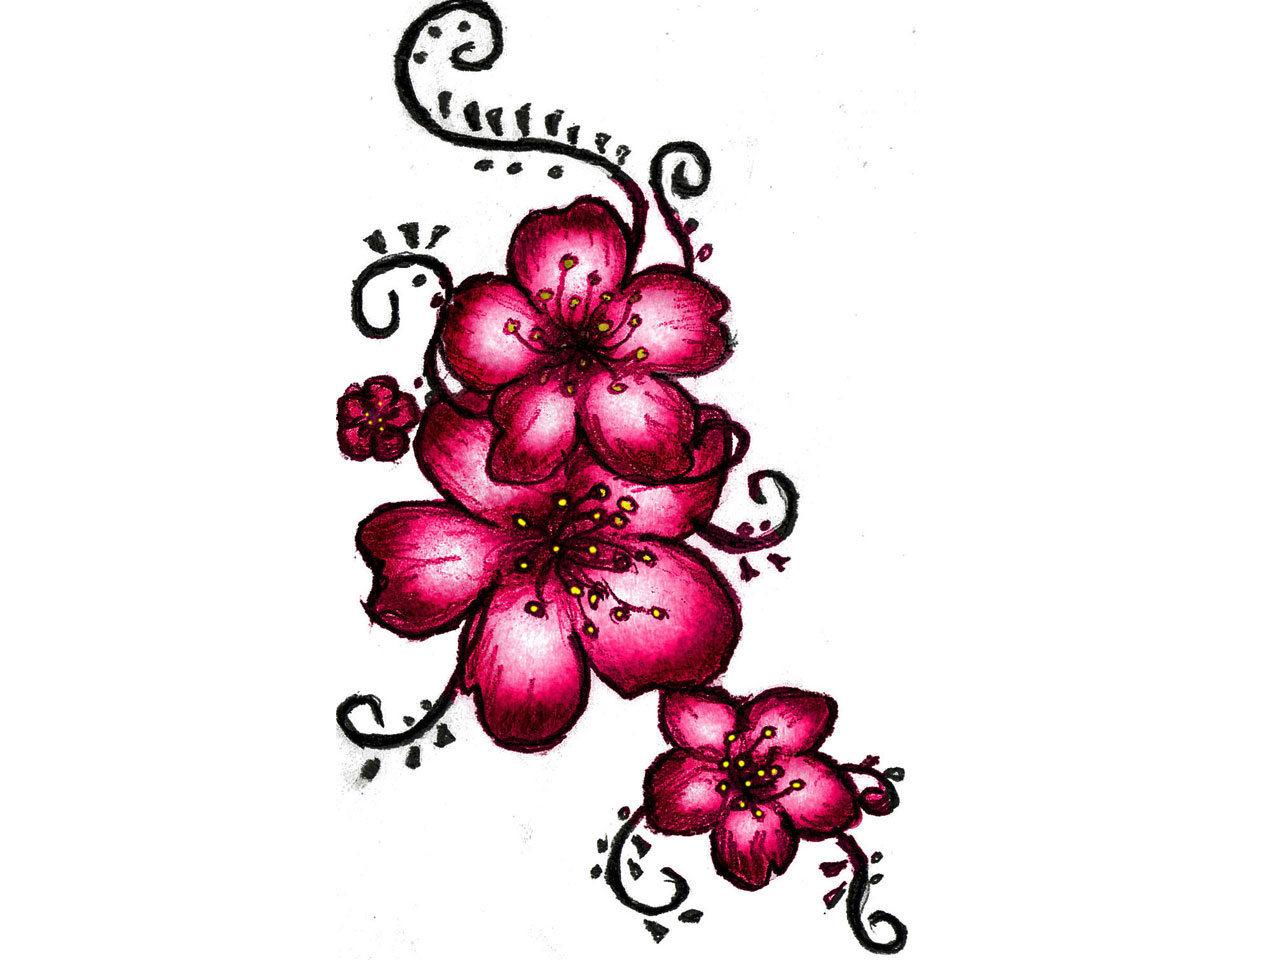 1280x960 Cherry Blossom Outline Design Images